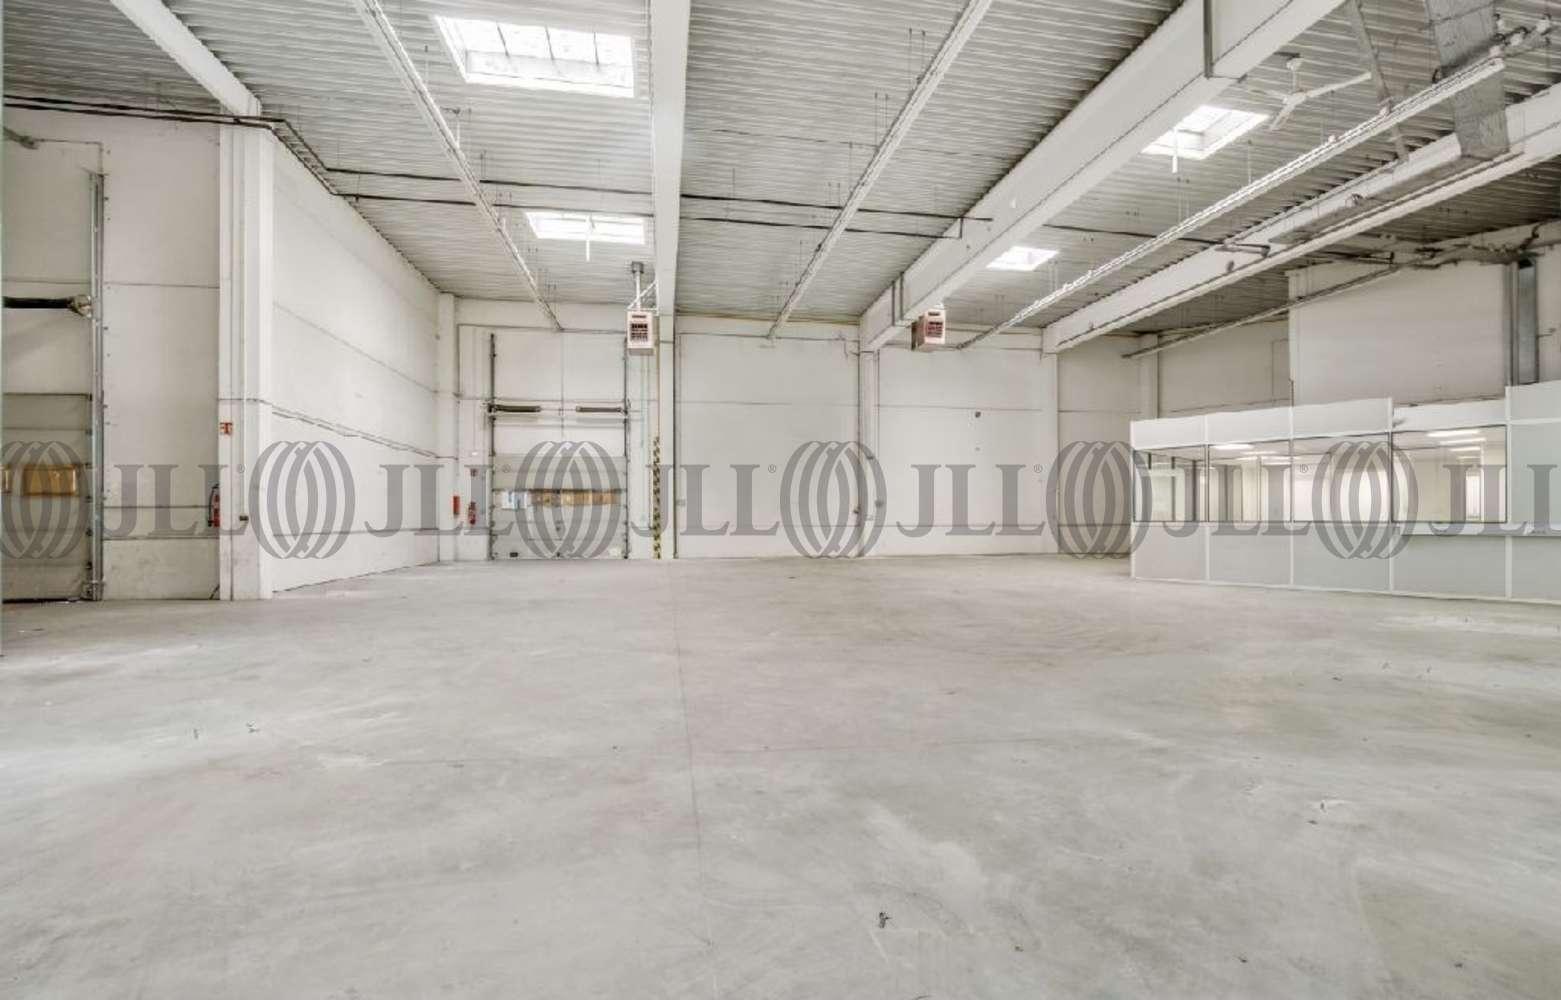 Activités/entrepôt Goussainville, 95190 - EIFFEL PARK - 9602065